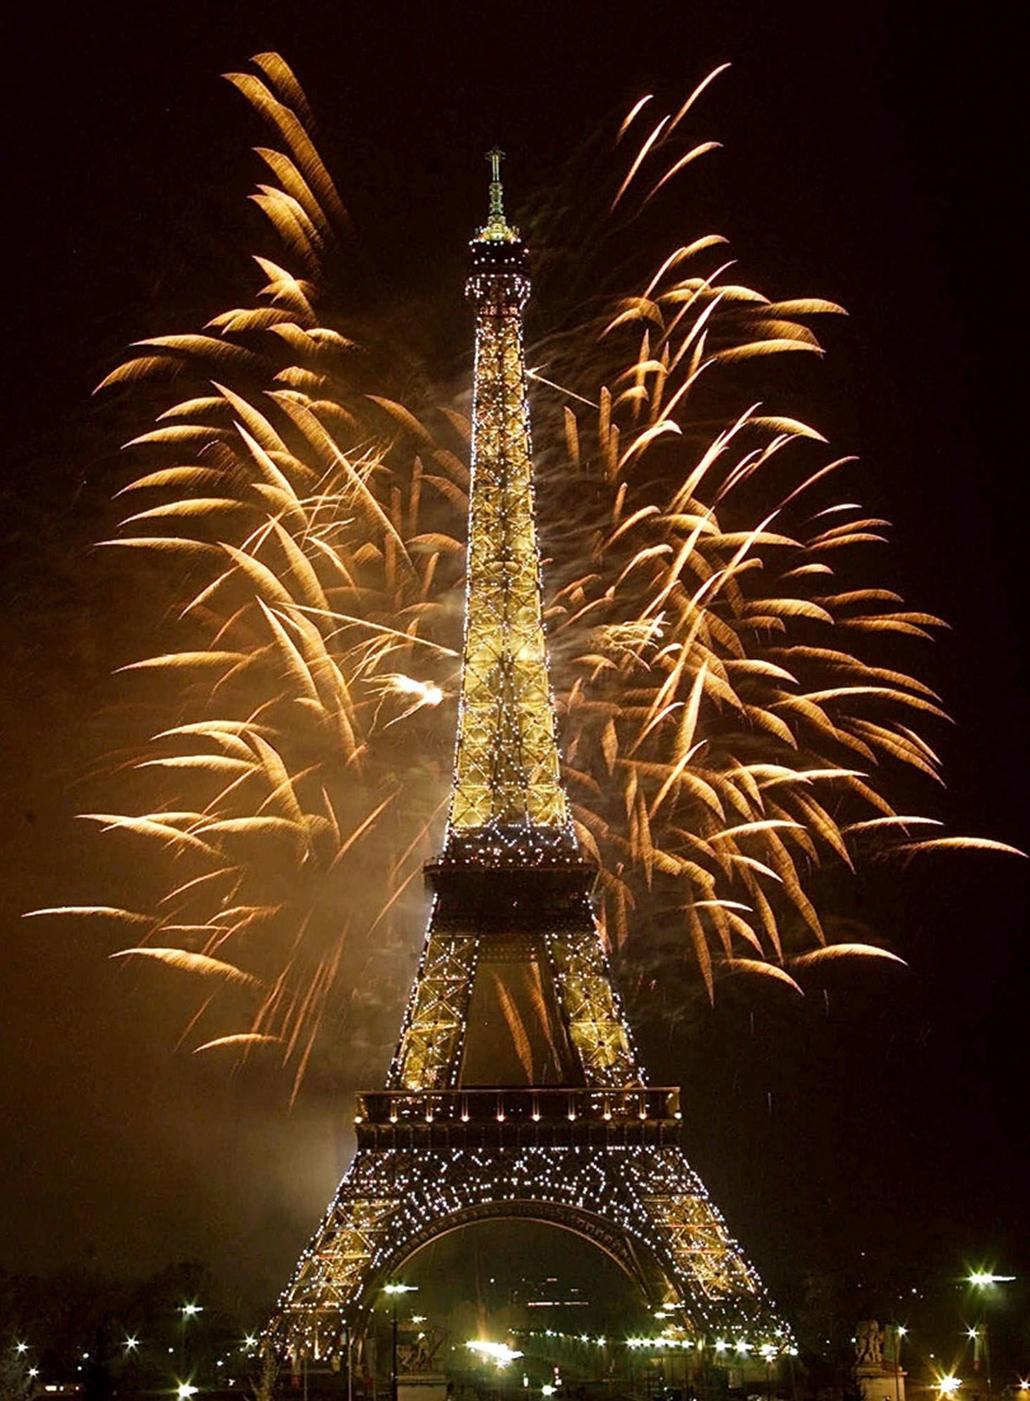 Tűzijáték világítja meg az Eiffel tornyot az évezredfordulón.